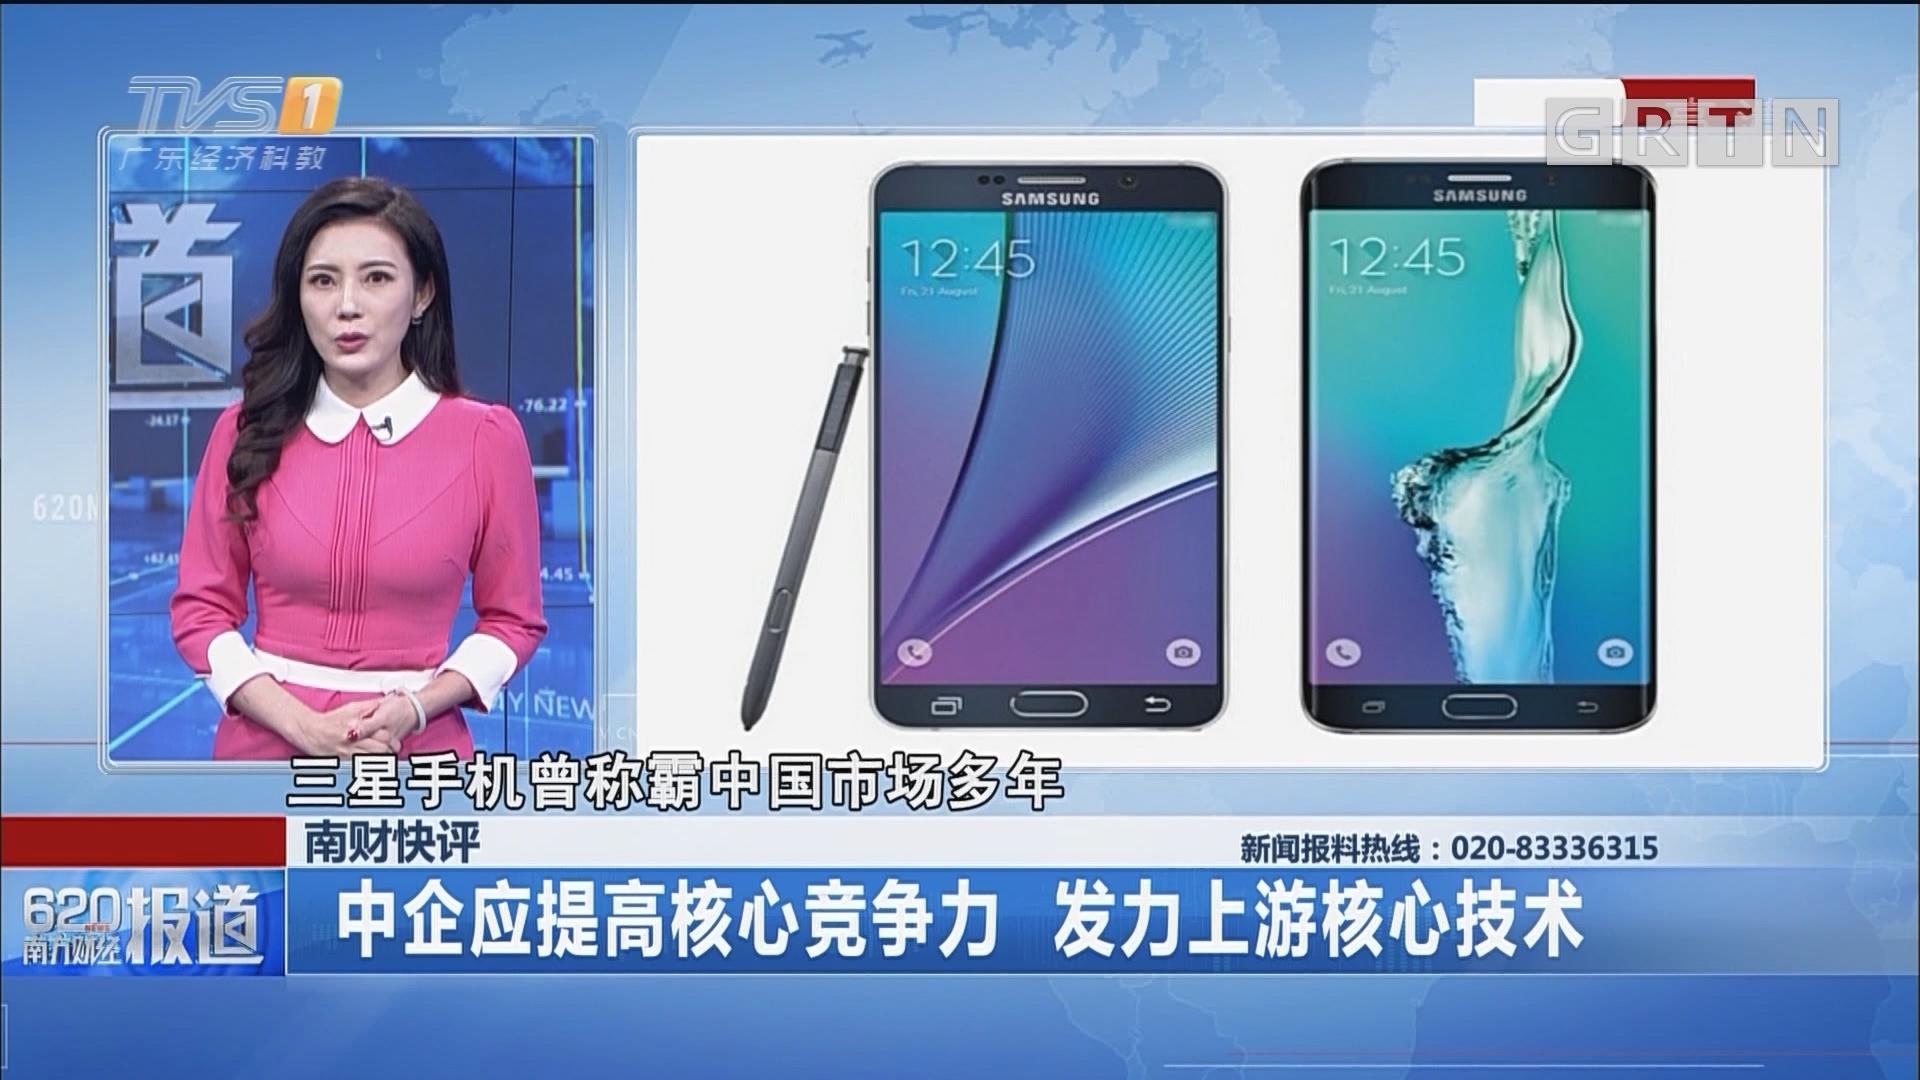 南财快评:中企应提高核心竞争力 发力上游核心技术